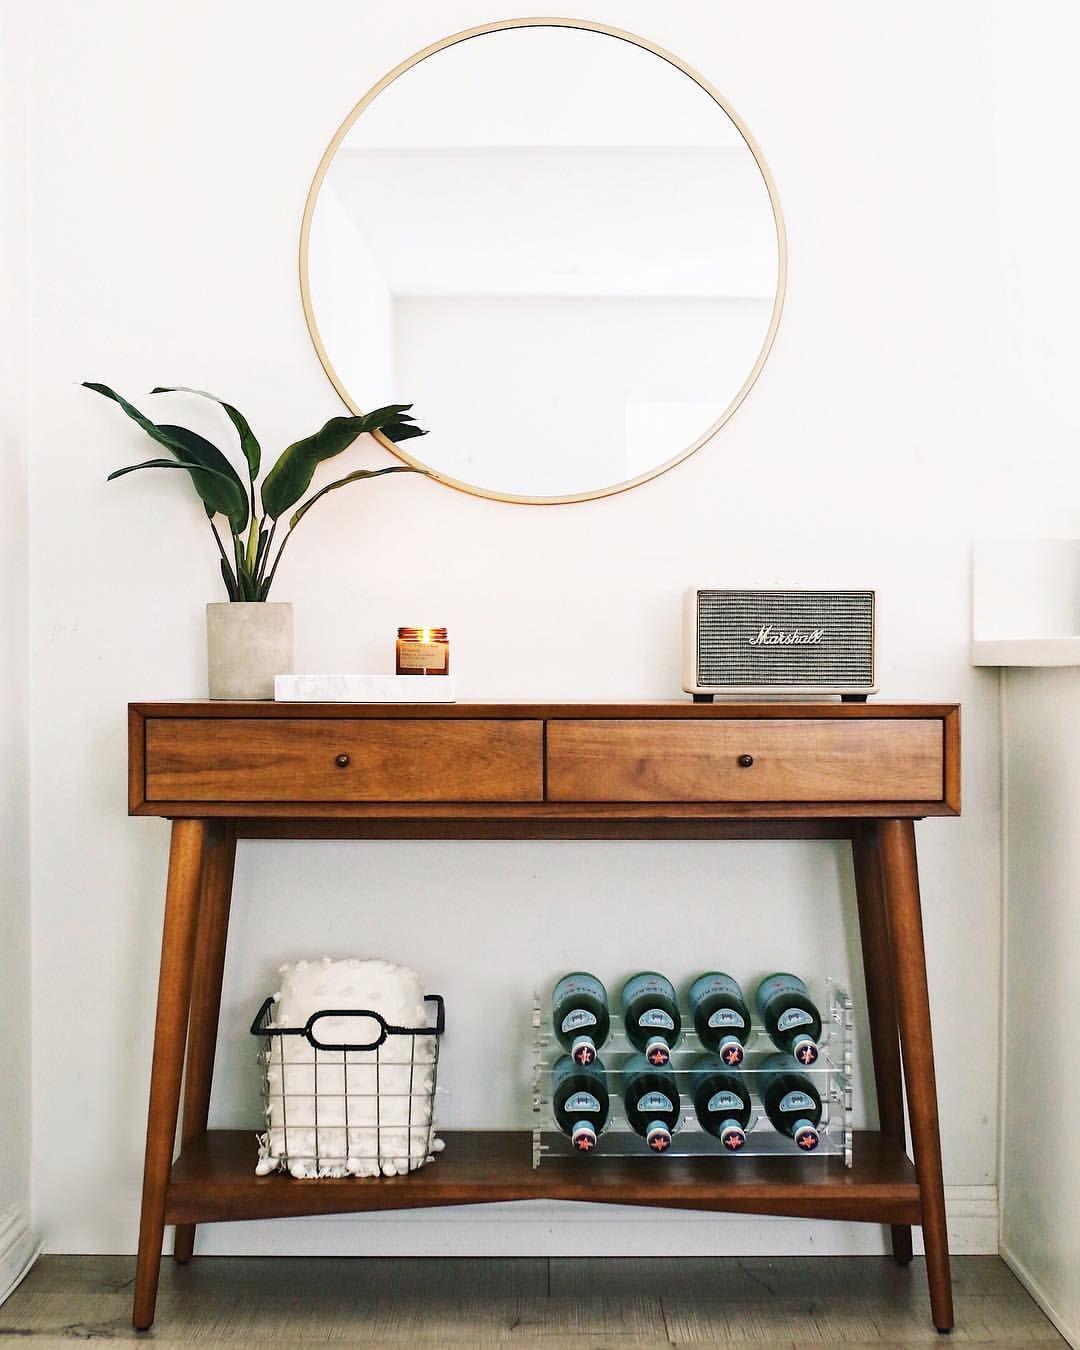 Innenarchitektur wohnzimmer für kleine wohnung pin von kevin steiner auf zukünftige projekte  pinterest  haus